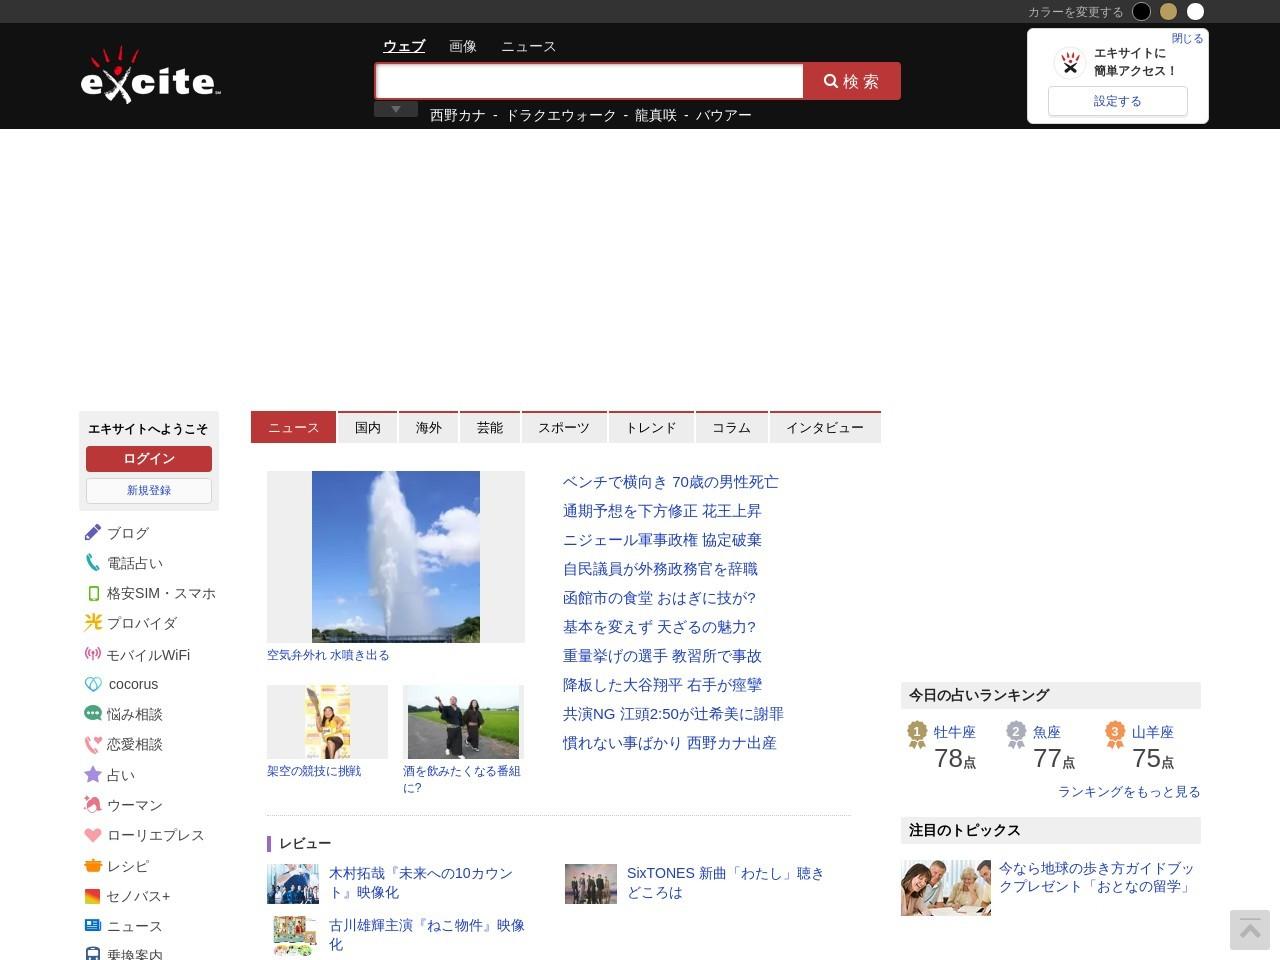 中村倫也の写真集が1年ぶりTOP5返り咲き 『凪のお暇』人気で好セールス